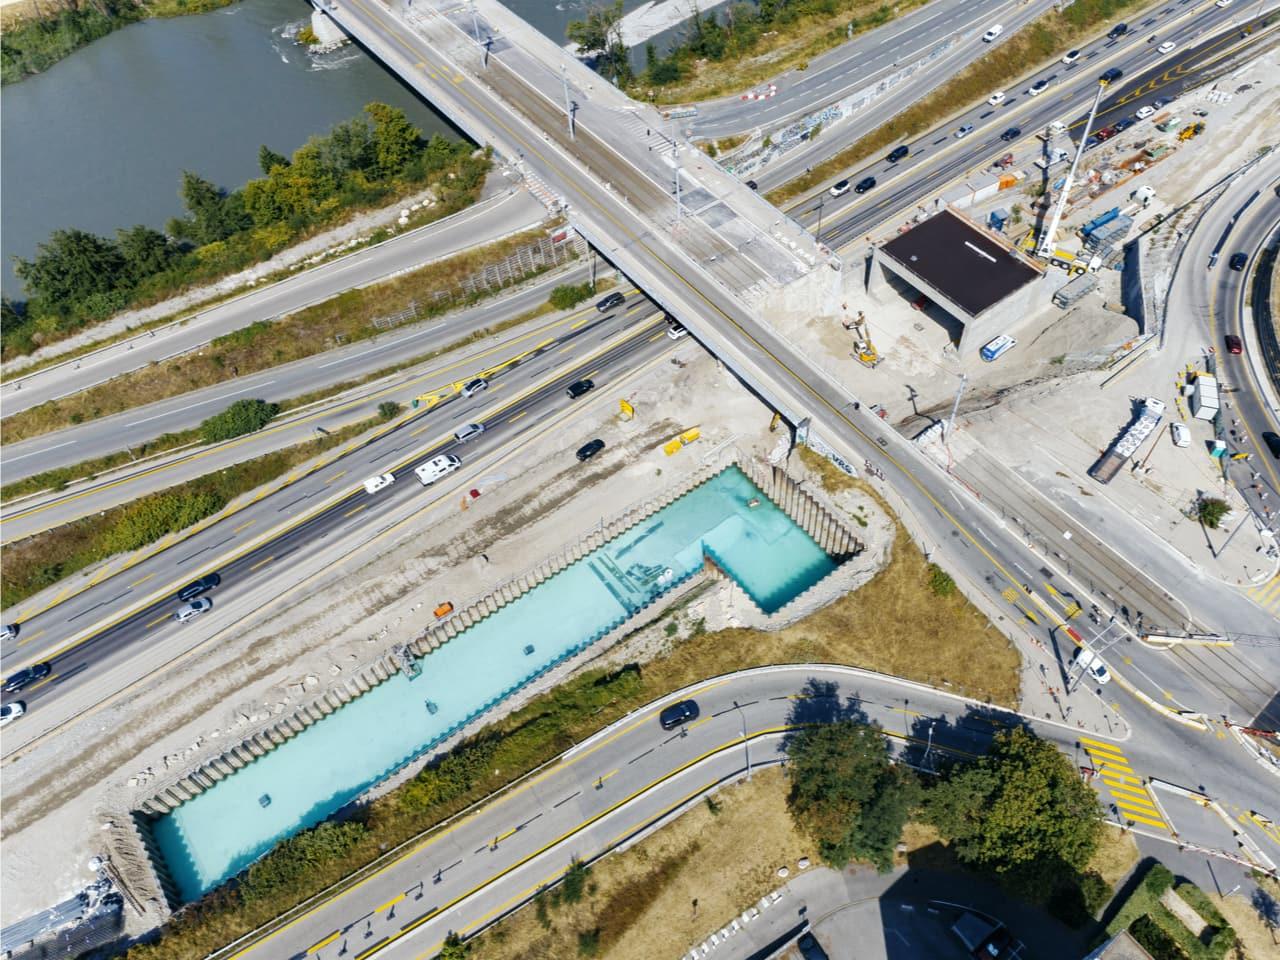 Bassin de rétention anti-pollution le long de l'A480 sur le secteur de Catane à Grenoble vue du ciel